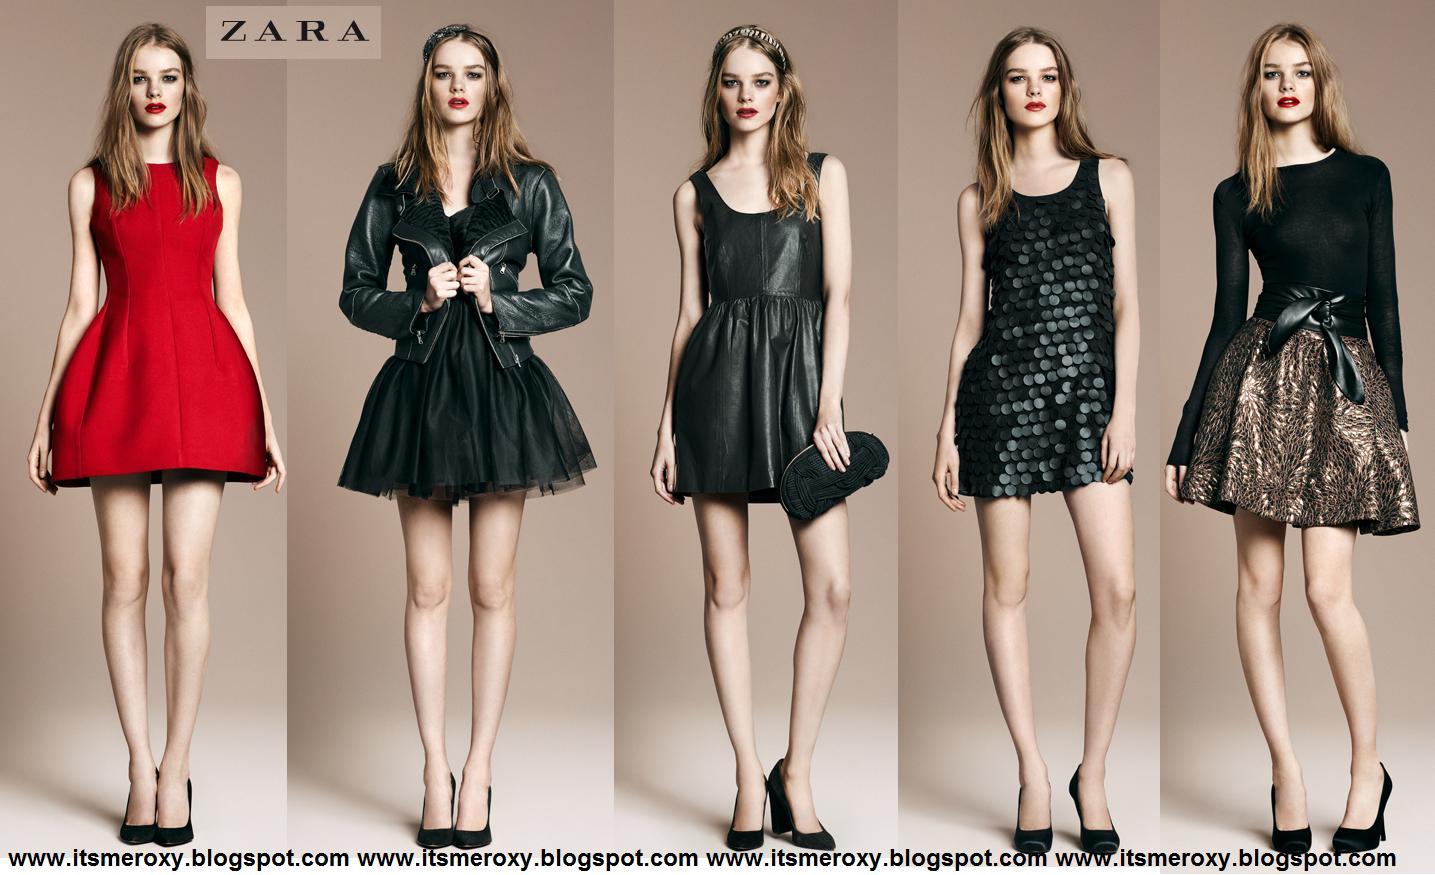 zara%2Bkerst%2B2010%2B2 Bắt nhịp xu hướng quần áo Zara năm 2014